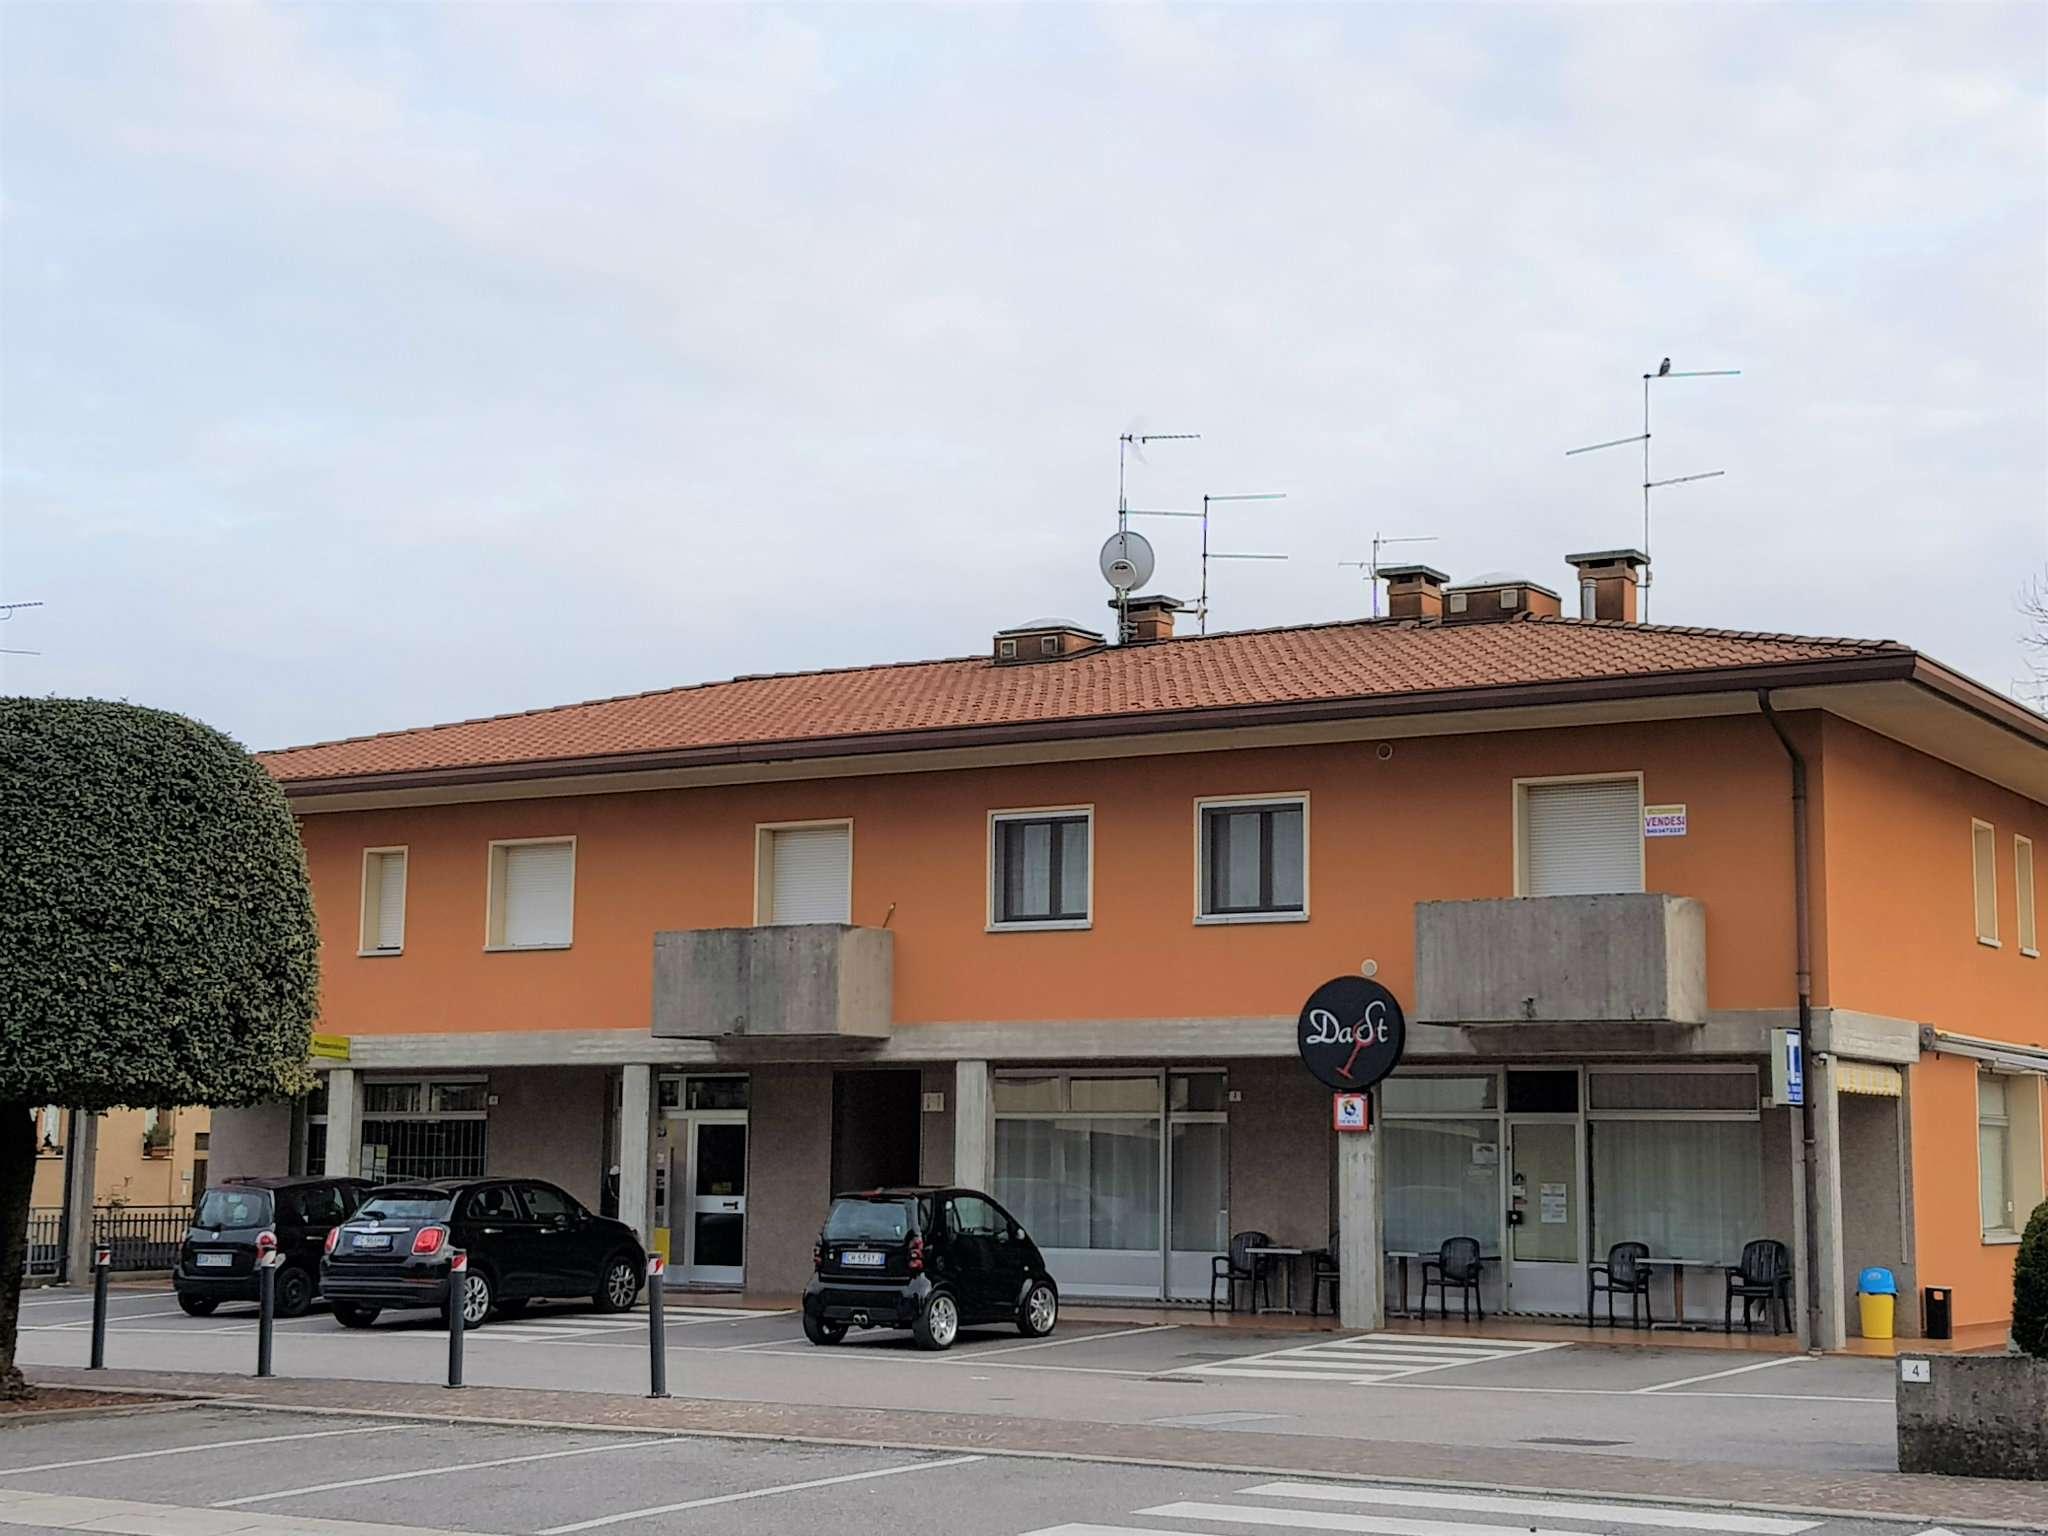 Appartamento in vendita a Premariacco, 3 locali, prezzo € 85.000 | CambioCasa.it